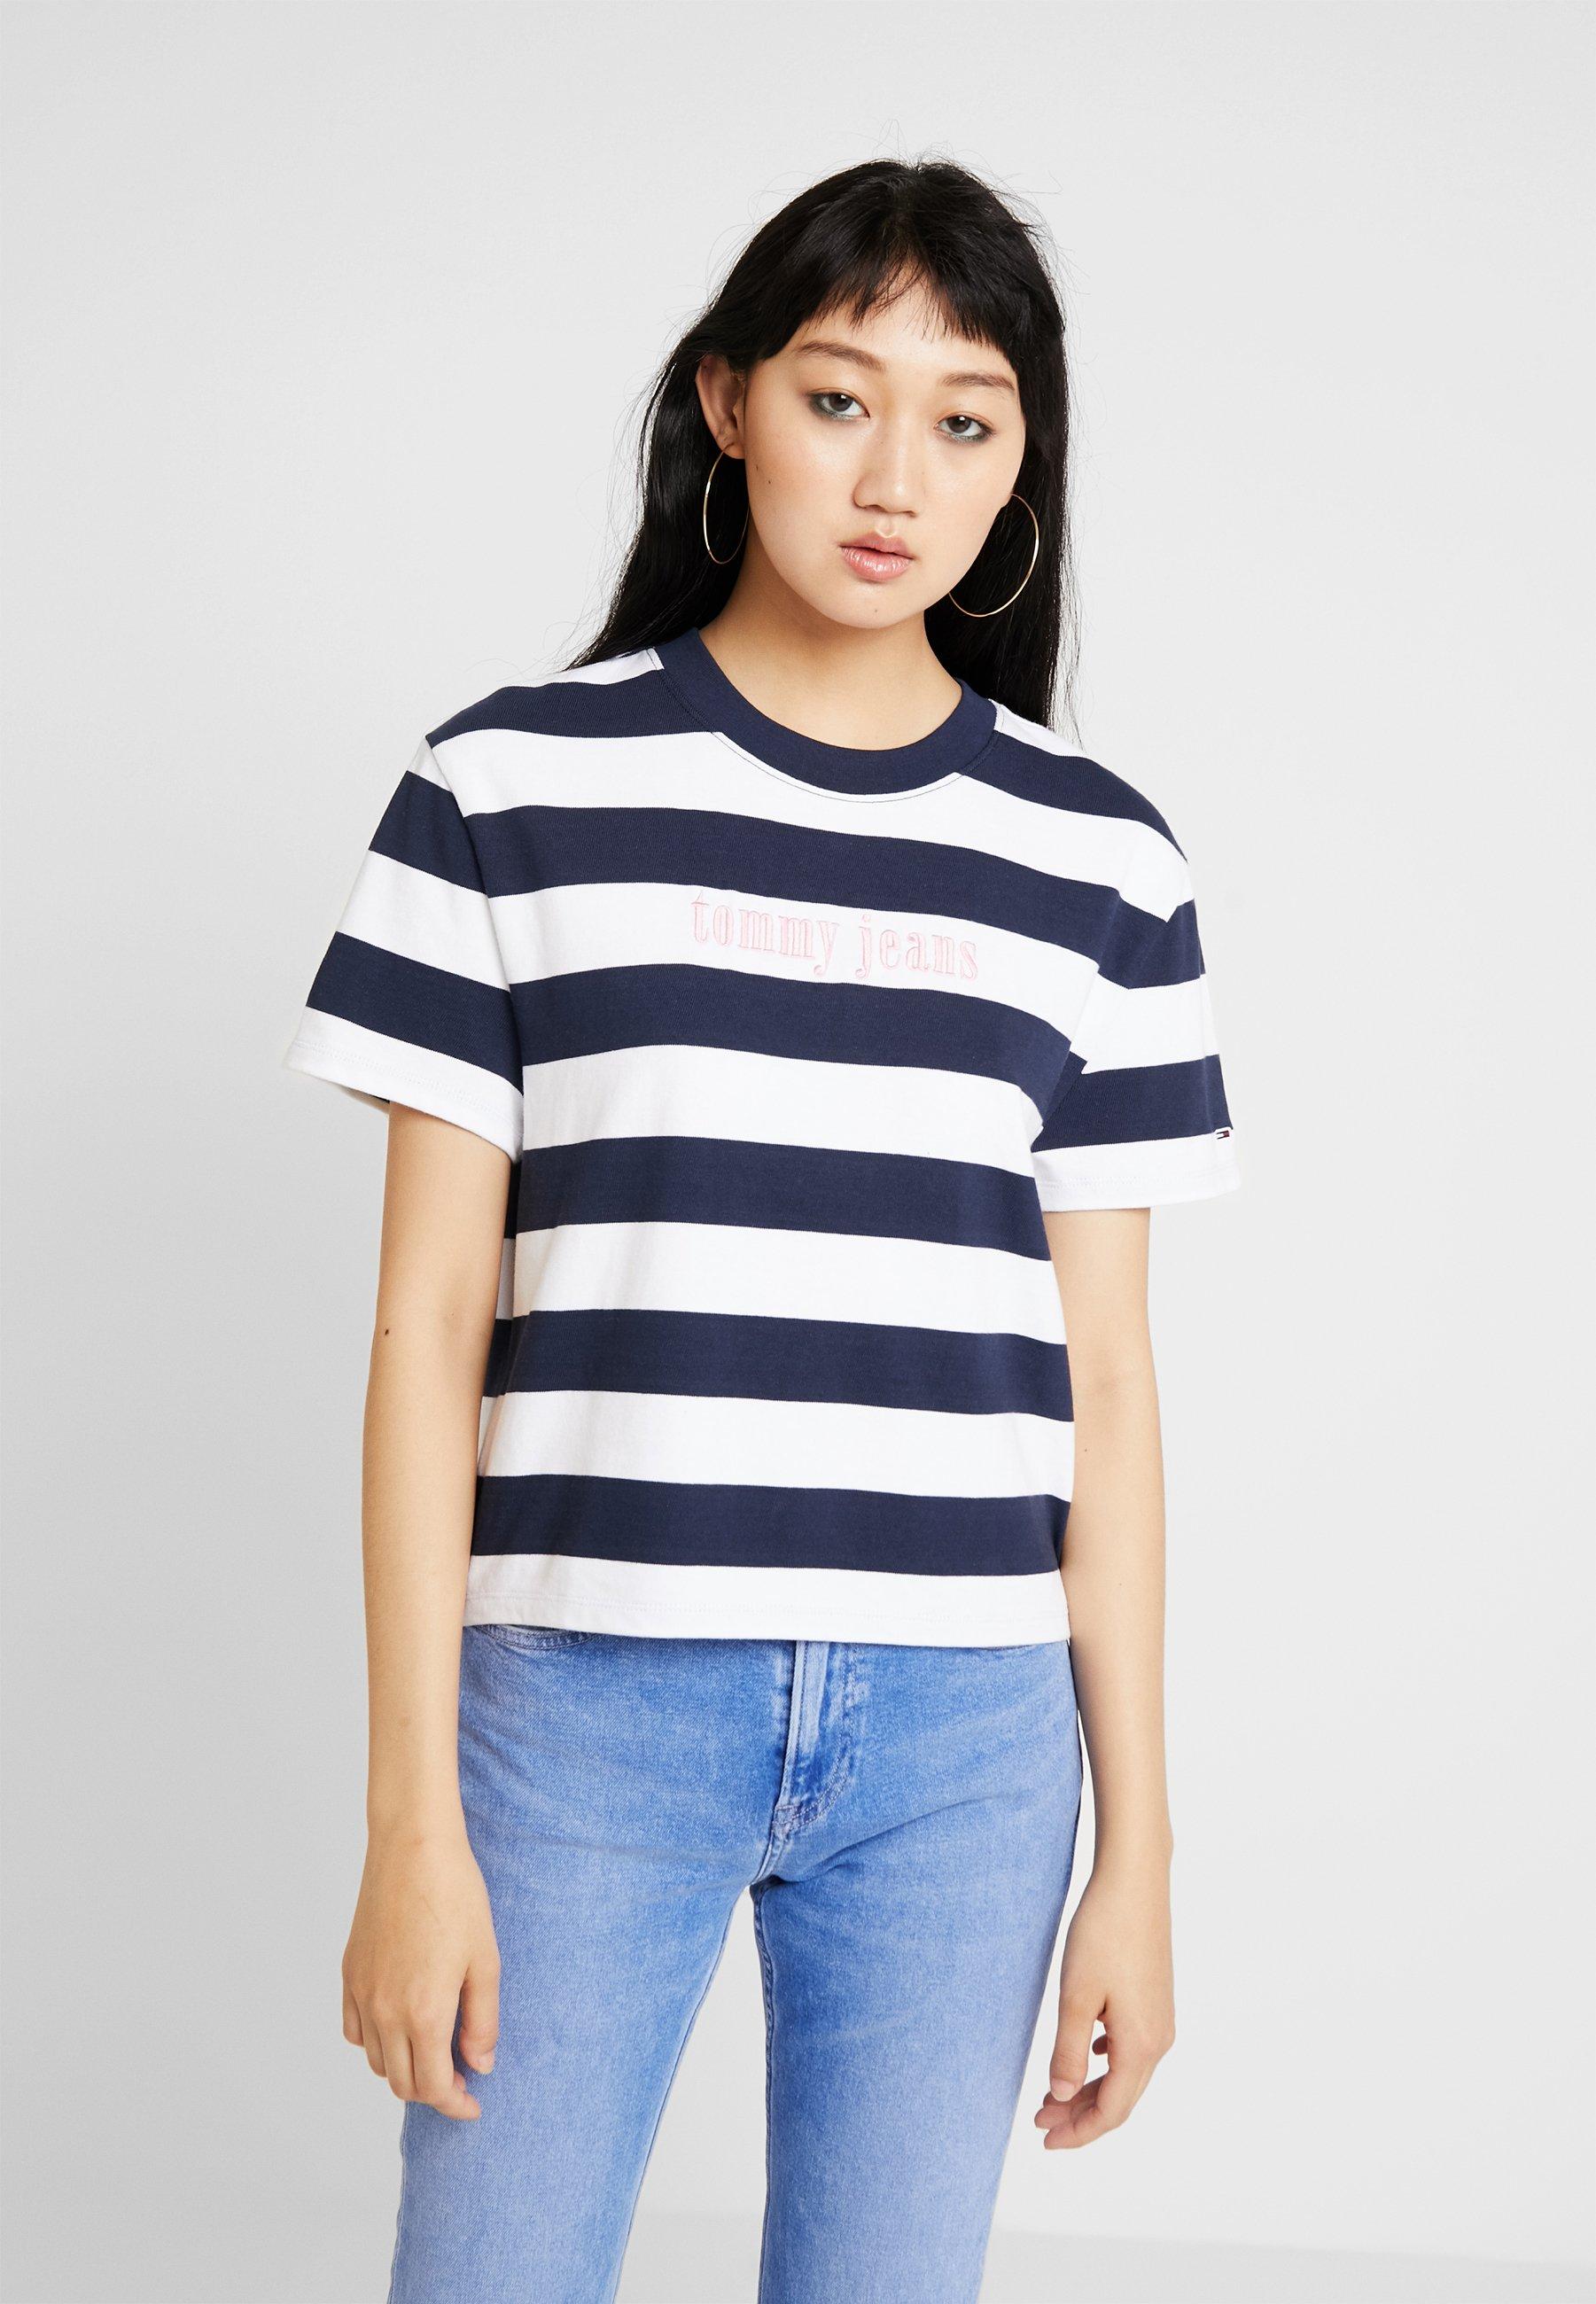 Tommy classic White shirt Black Imprimé Color Iris Stripe TeeT Jeans WHI29ED